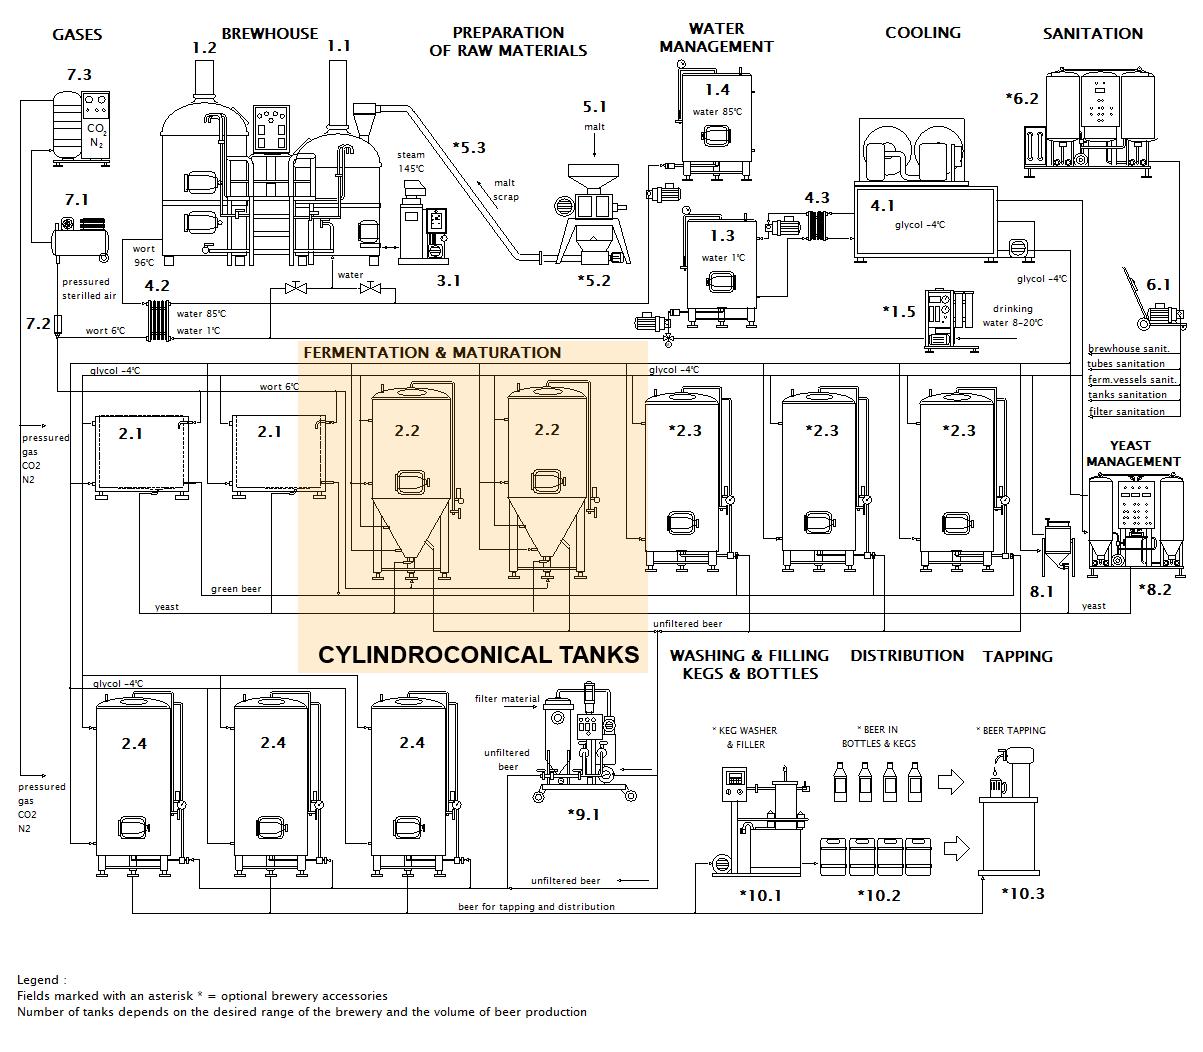 схема пивоваренного завода цилиндрических резервуаров en - CCT | Цилиндрически-конические резервуары. Конусные ферментеры